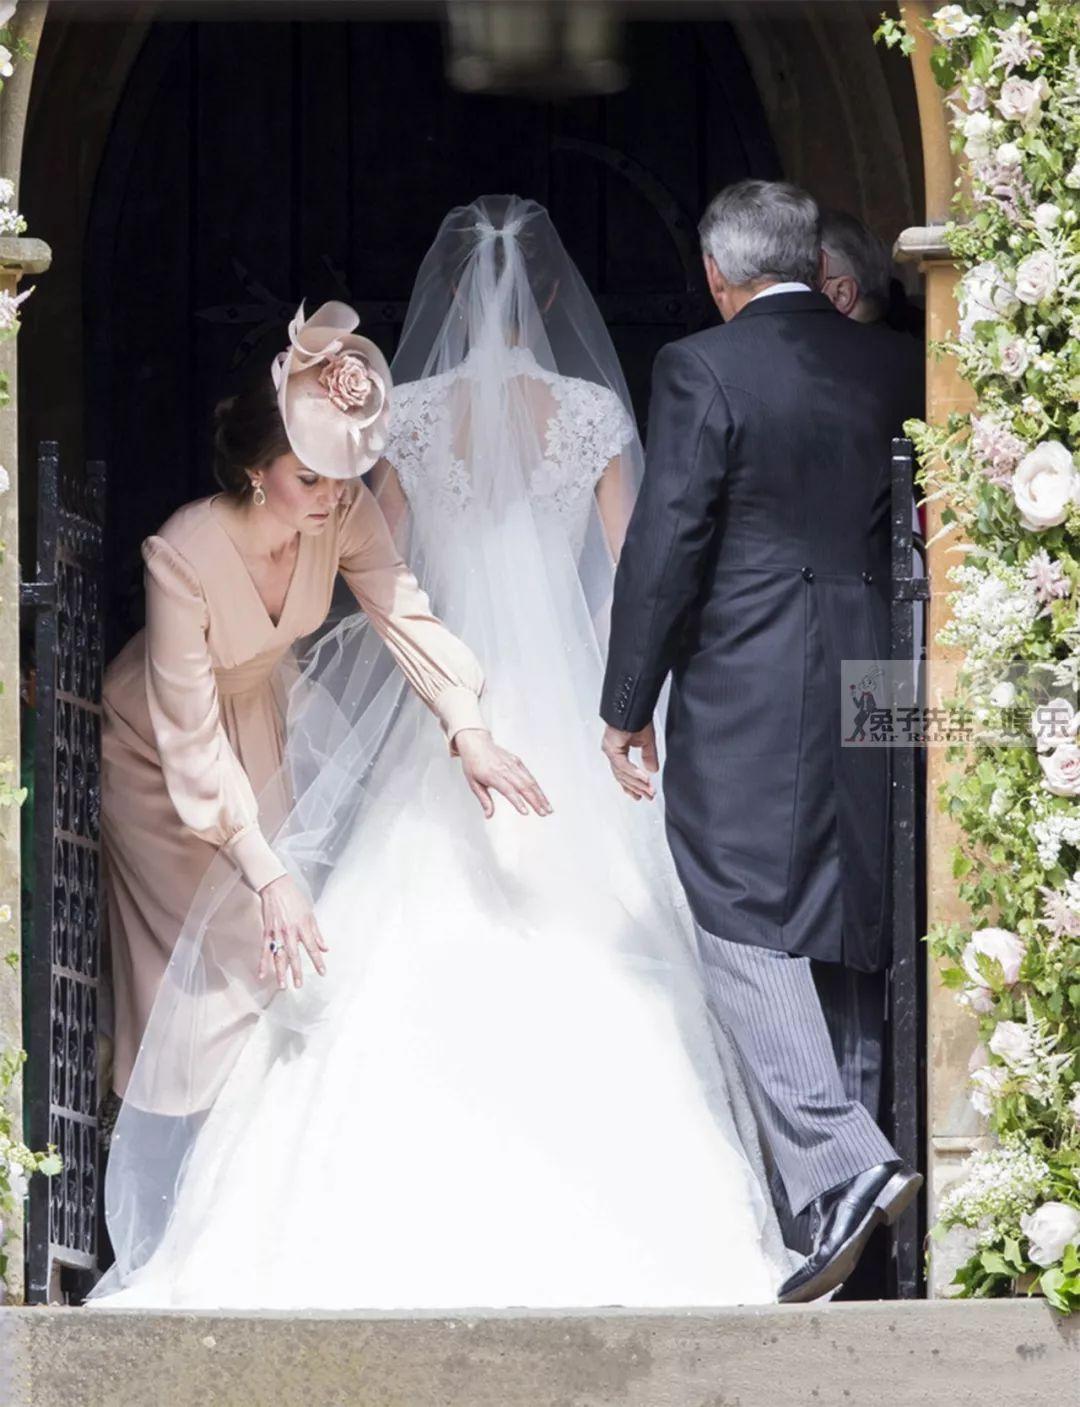 凱特王妃超級寵愛妹妹,親自為她整理裙擺,3個暖心舉動好感人!